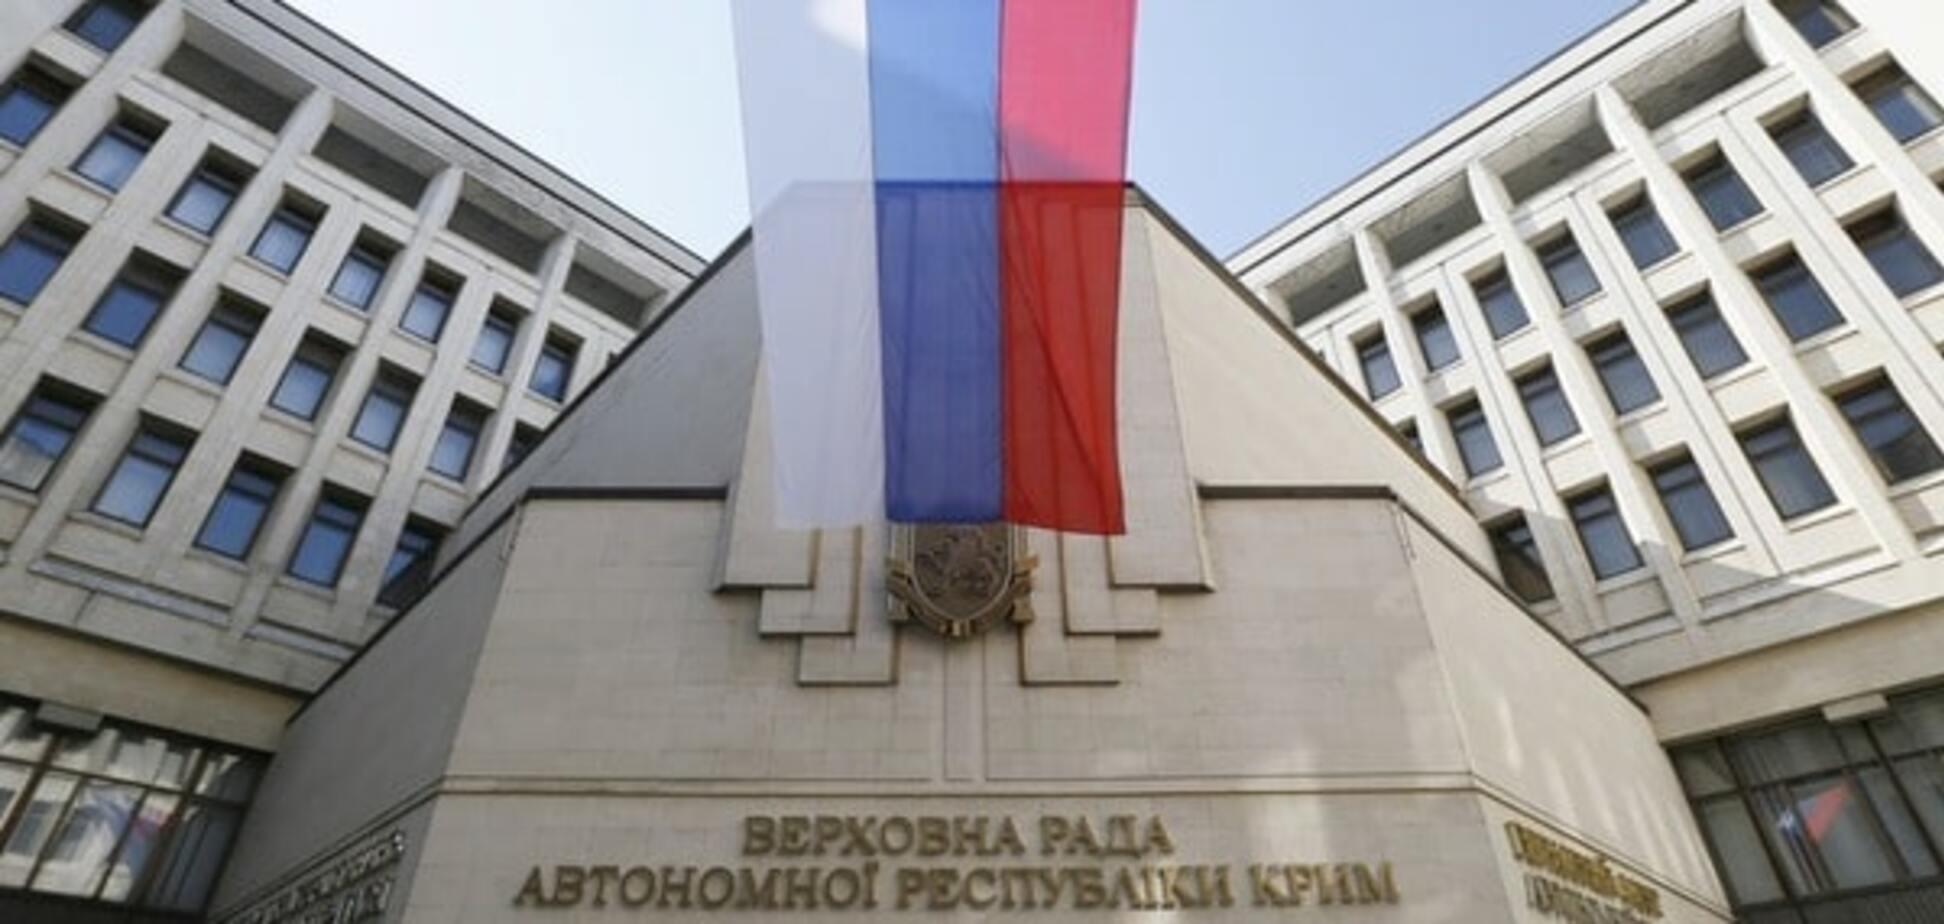 Анексія Криму стала основою для світової ізоляції Росії - журналіст